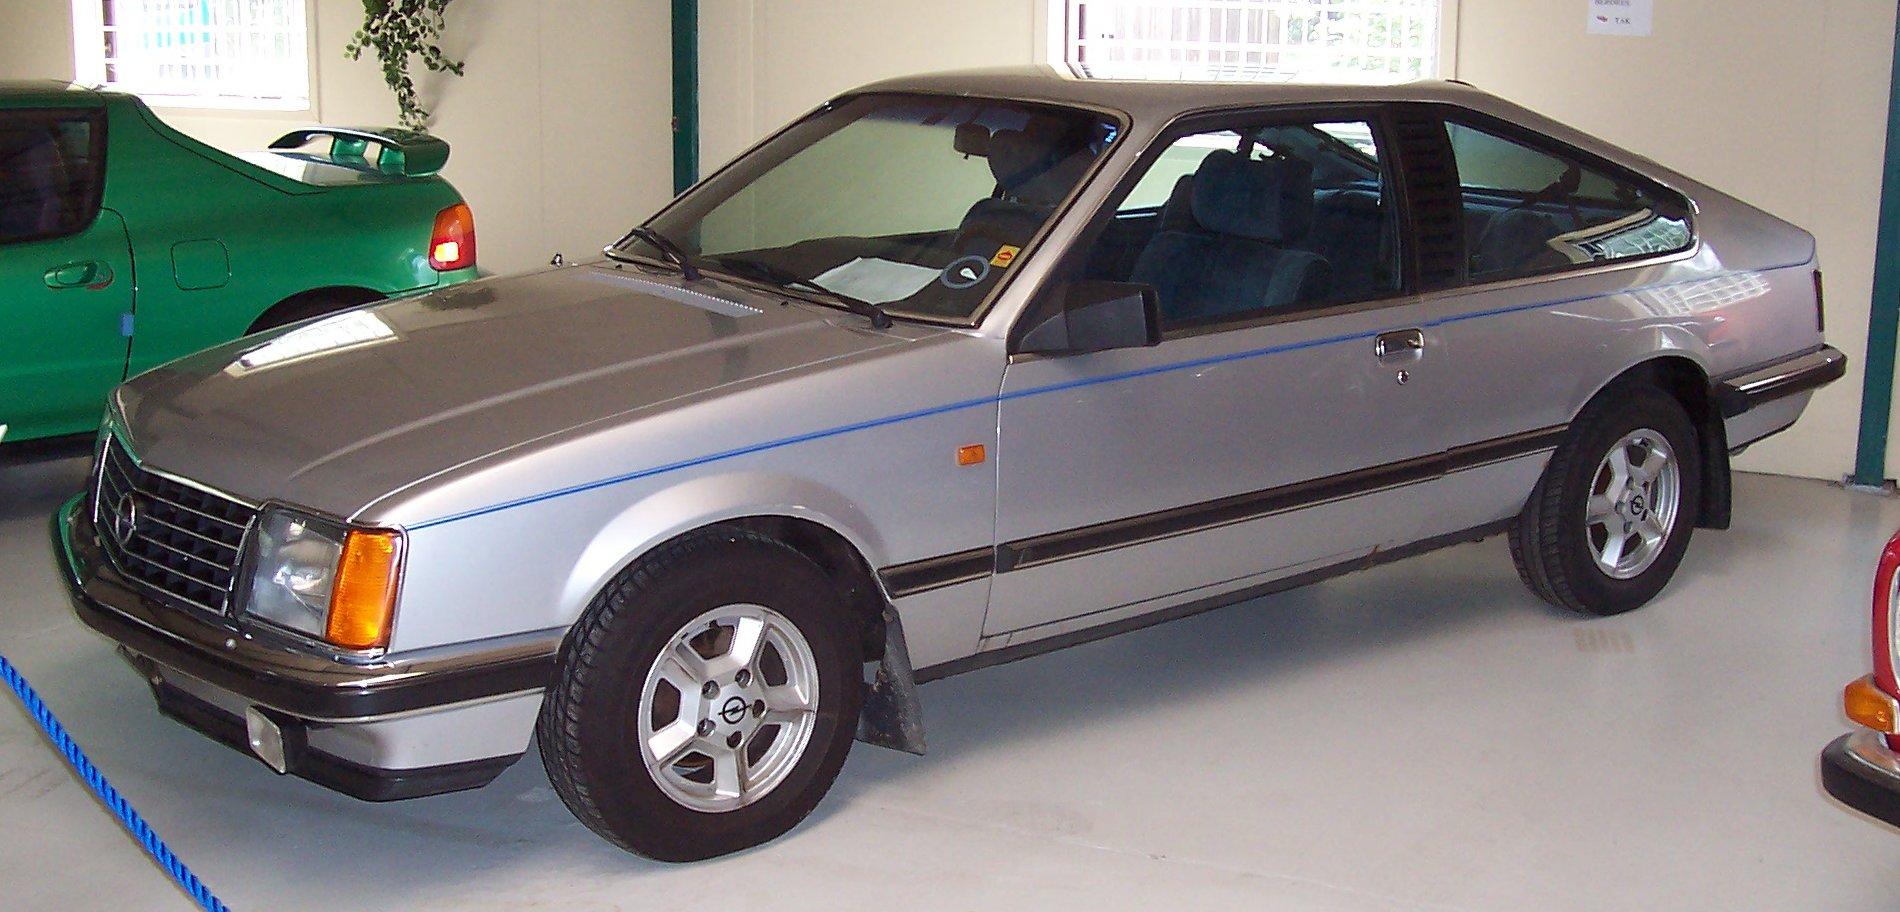 Car In German >> Opel Monza - Wikipedia